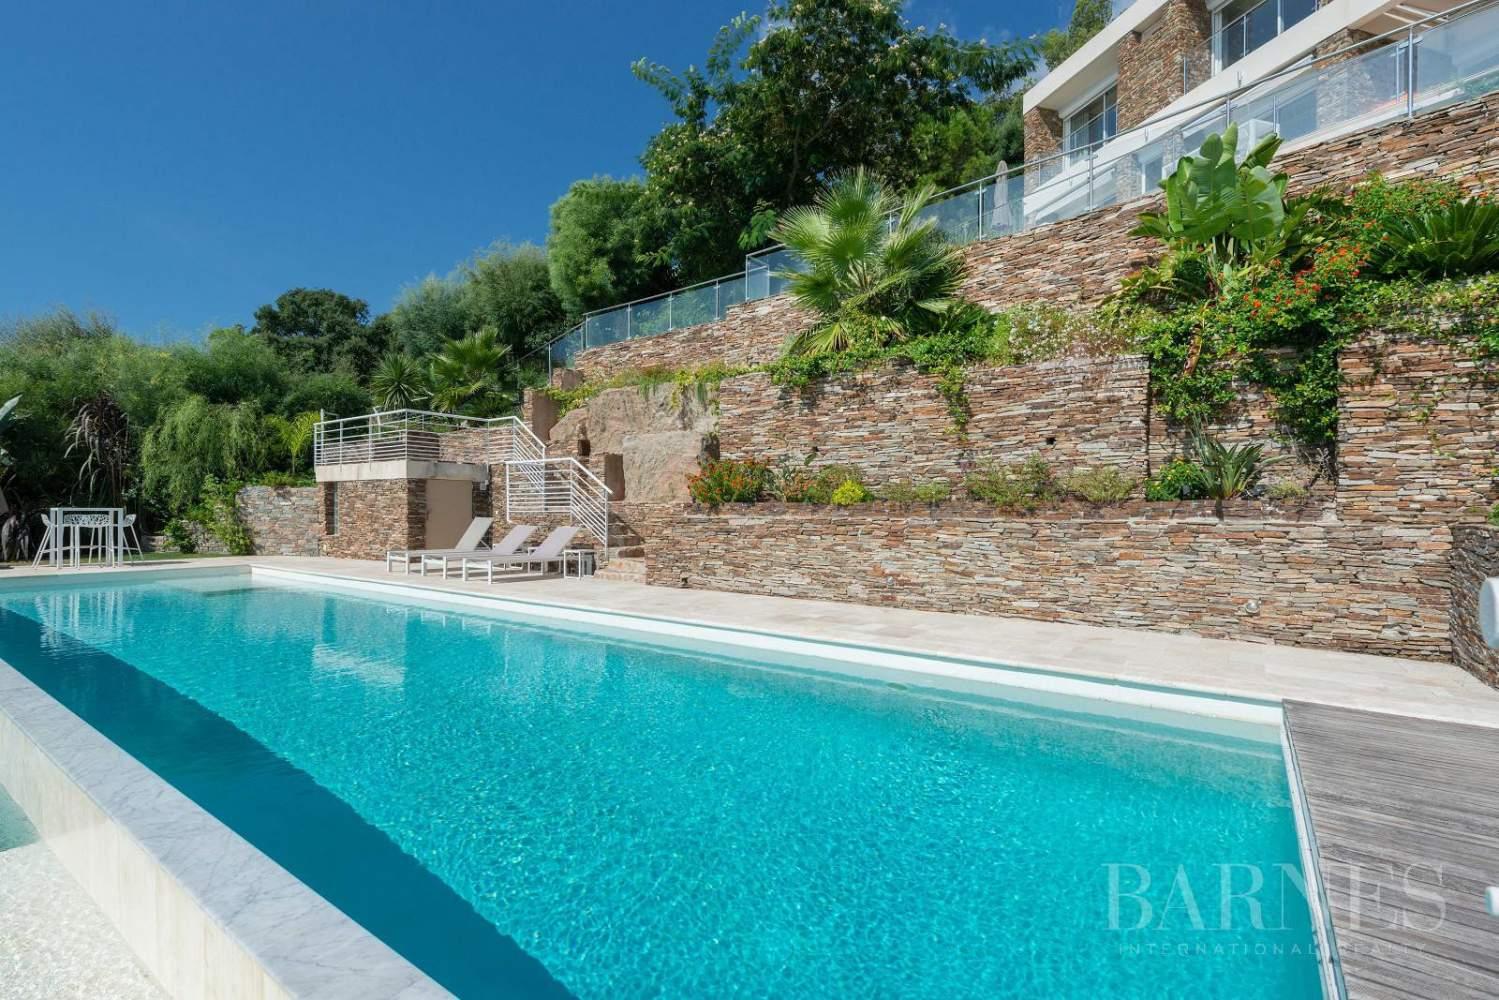 A vendre Le Lavandou villa 6 chambres vue mer panoramique - piscine picture 8